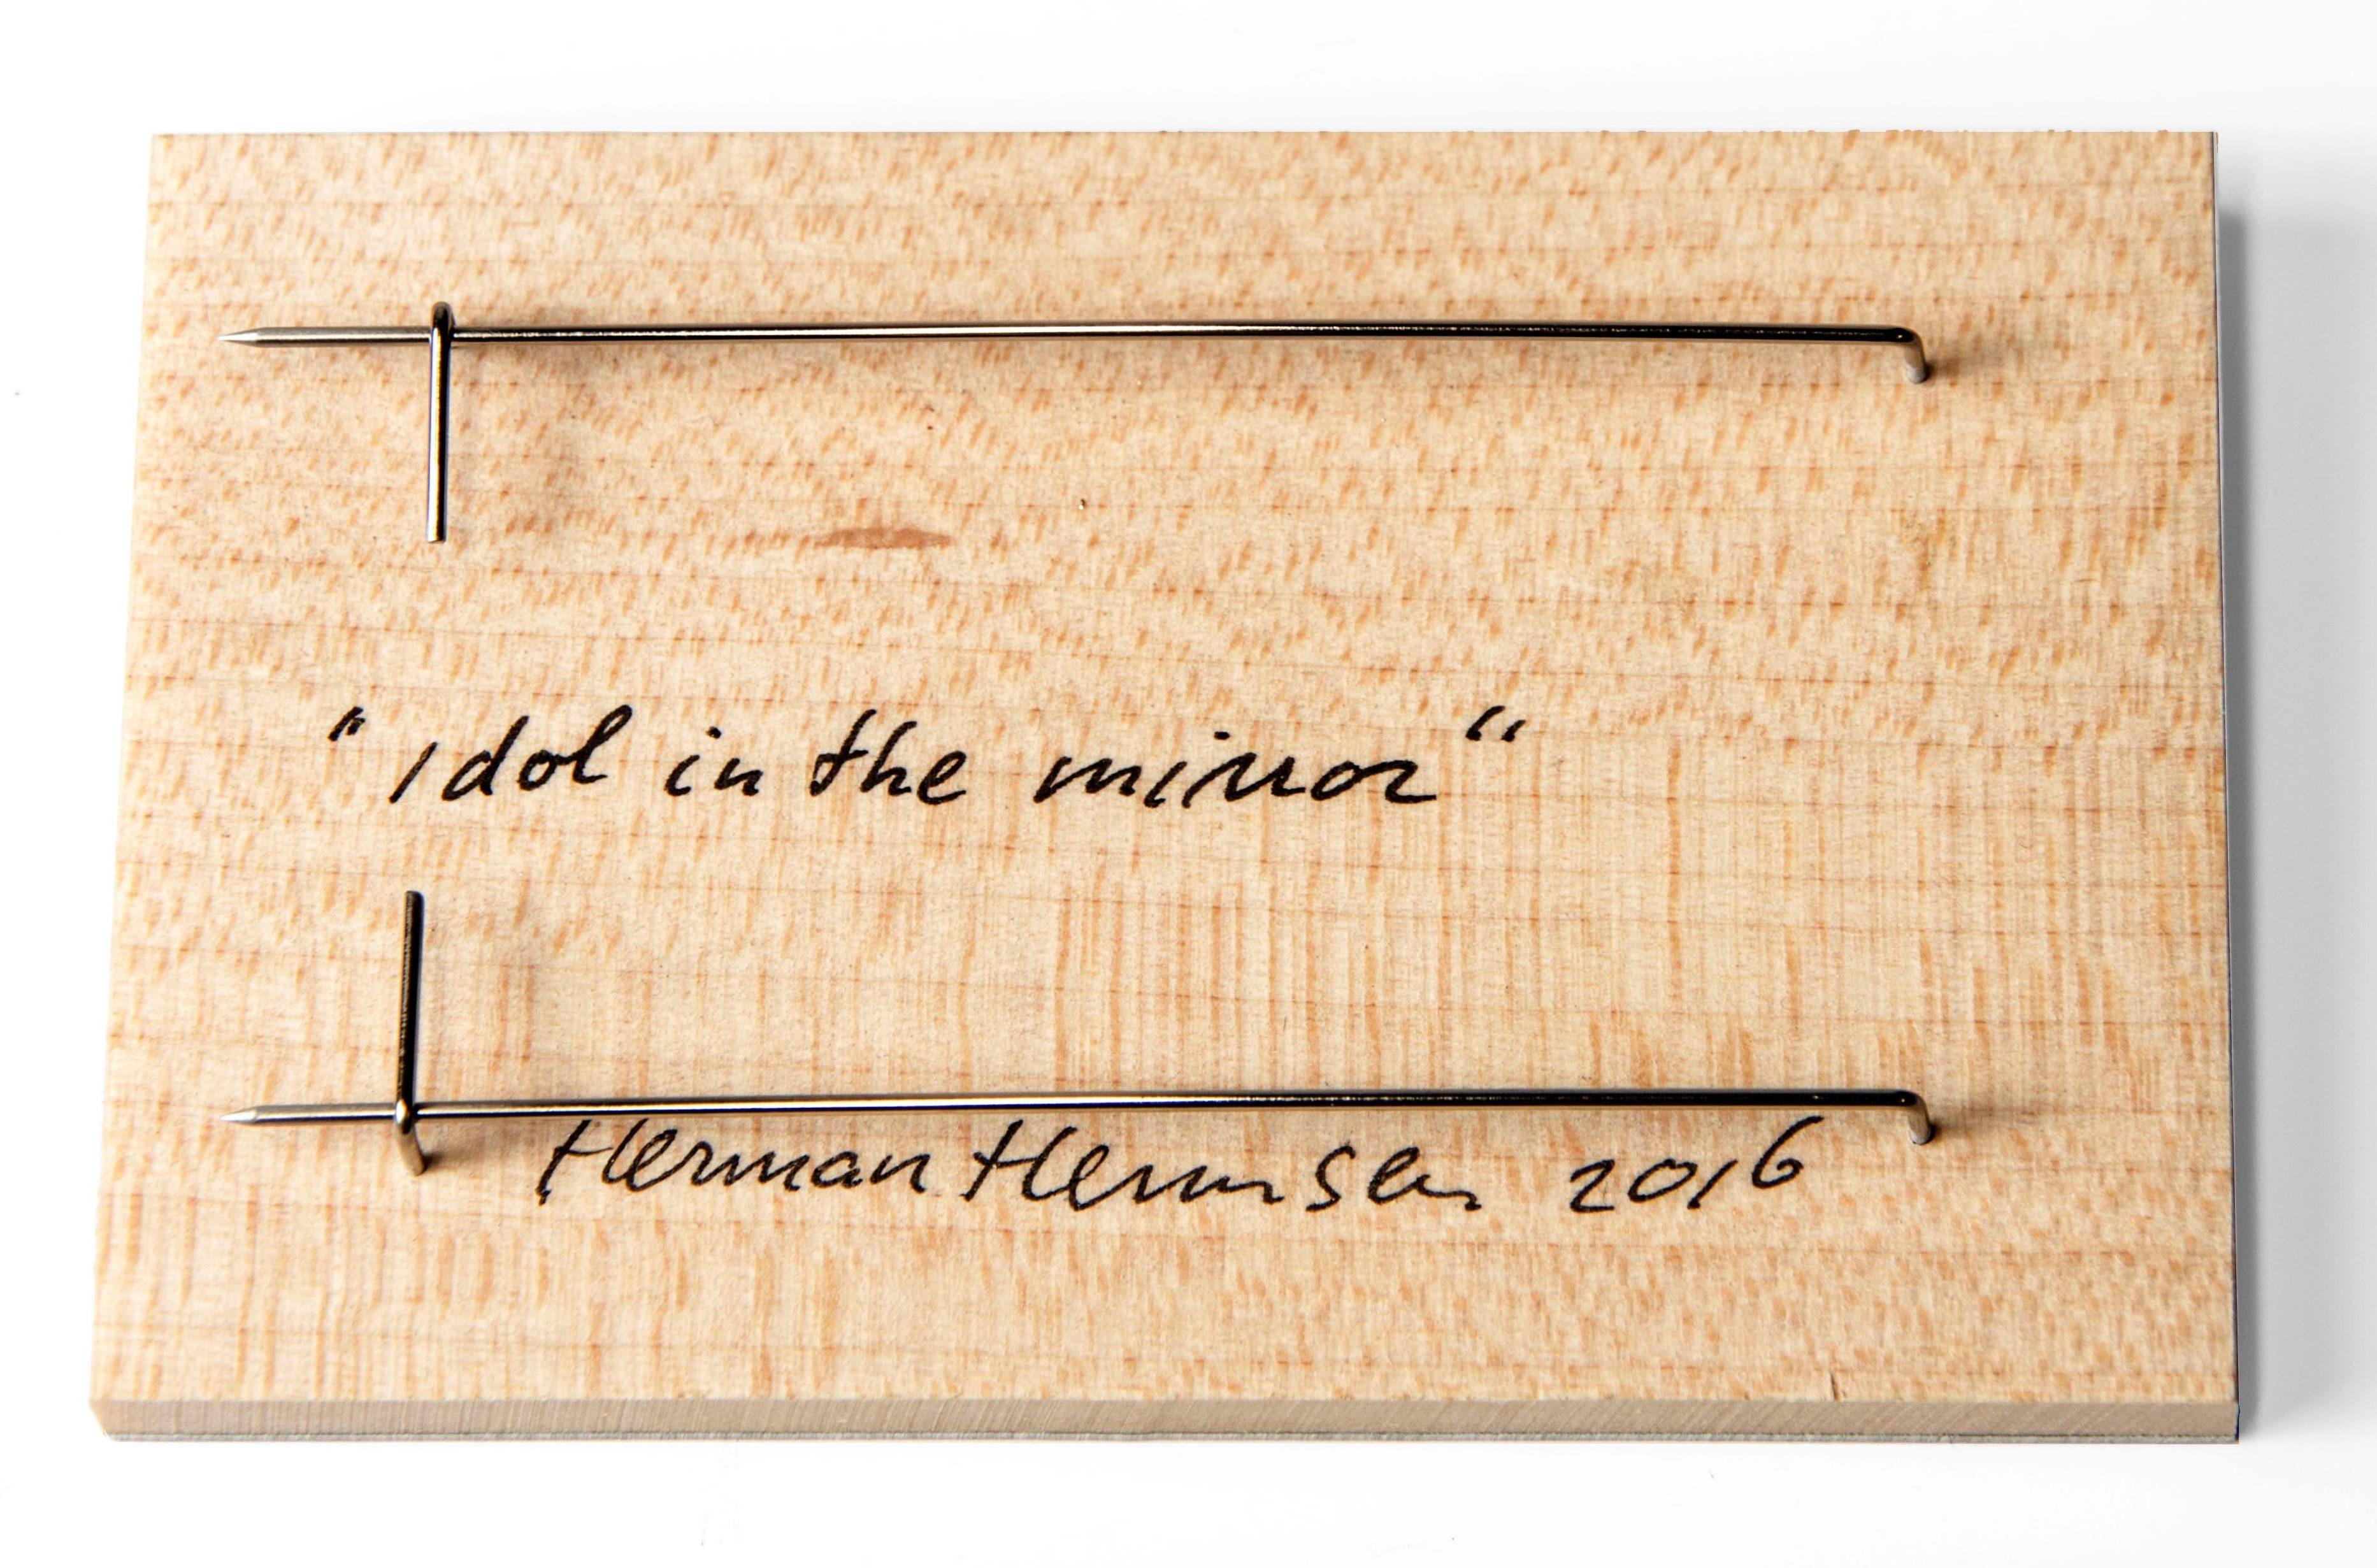 Herman Hermsen, Idol in the mirror, broche, 2016, achterzijde. Collectie CODA. Foto CODA, hout, metaal, inkt